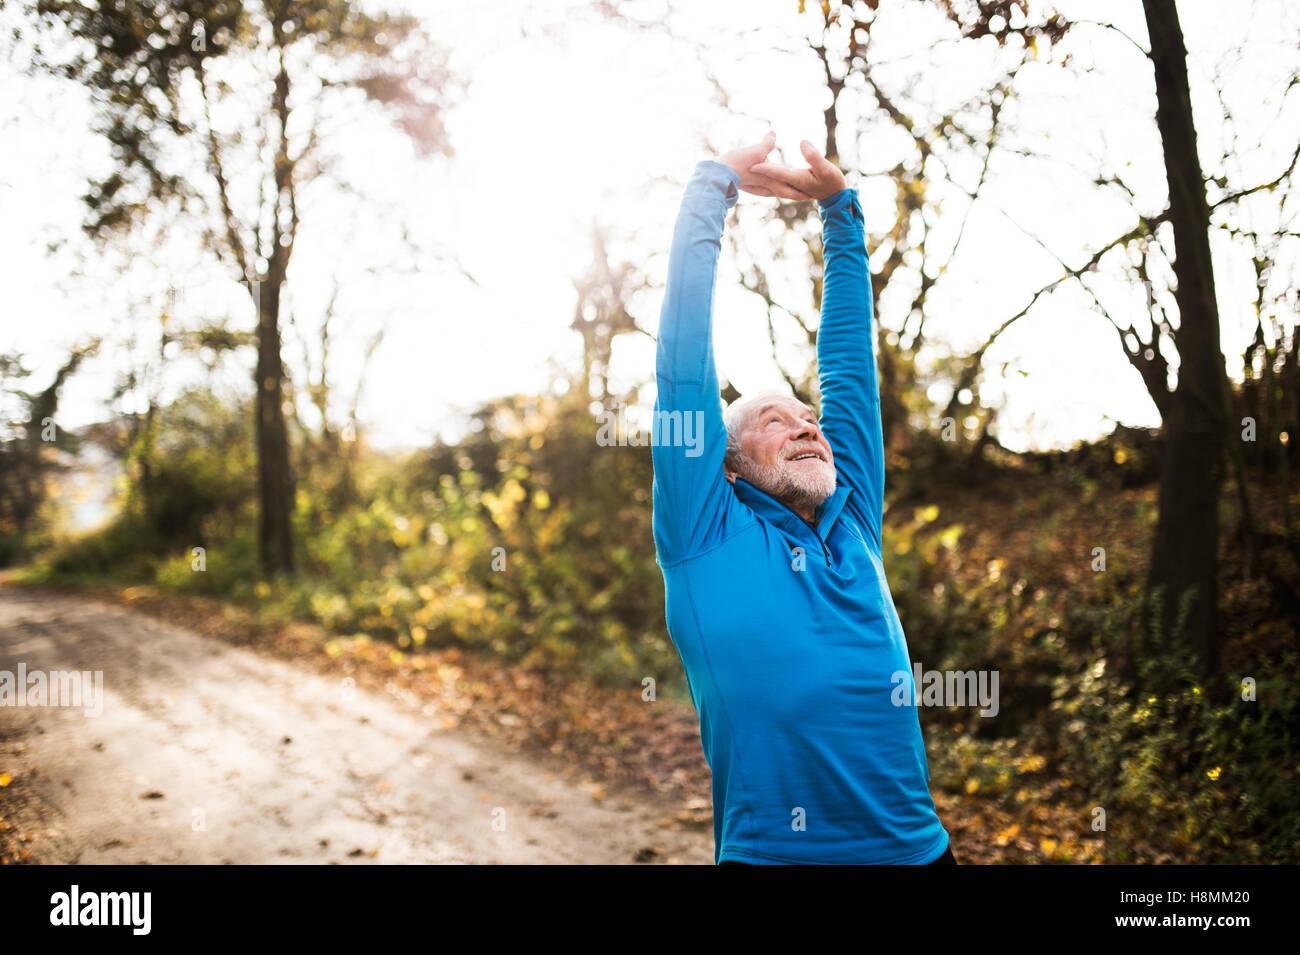 Hauts runner doing stretching dans la nature ensoleillée d'automne. Photo Stock